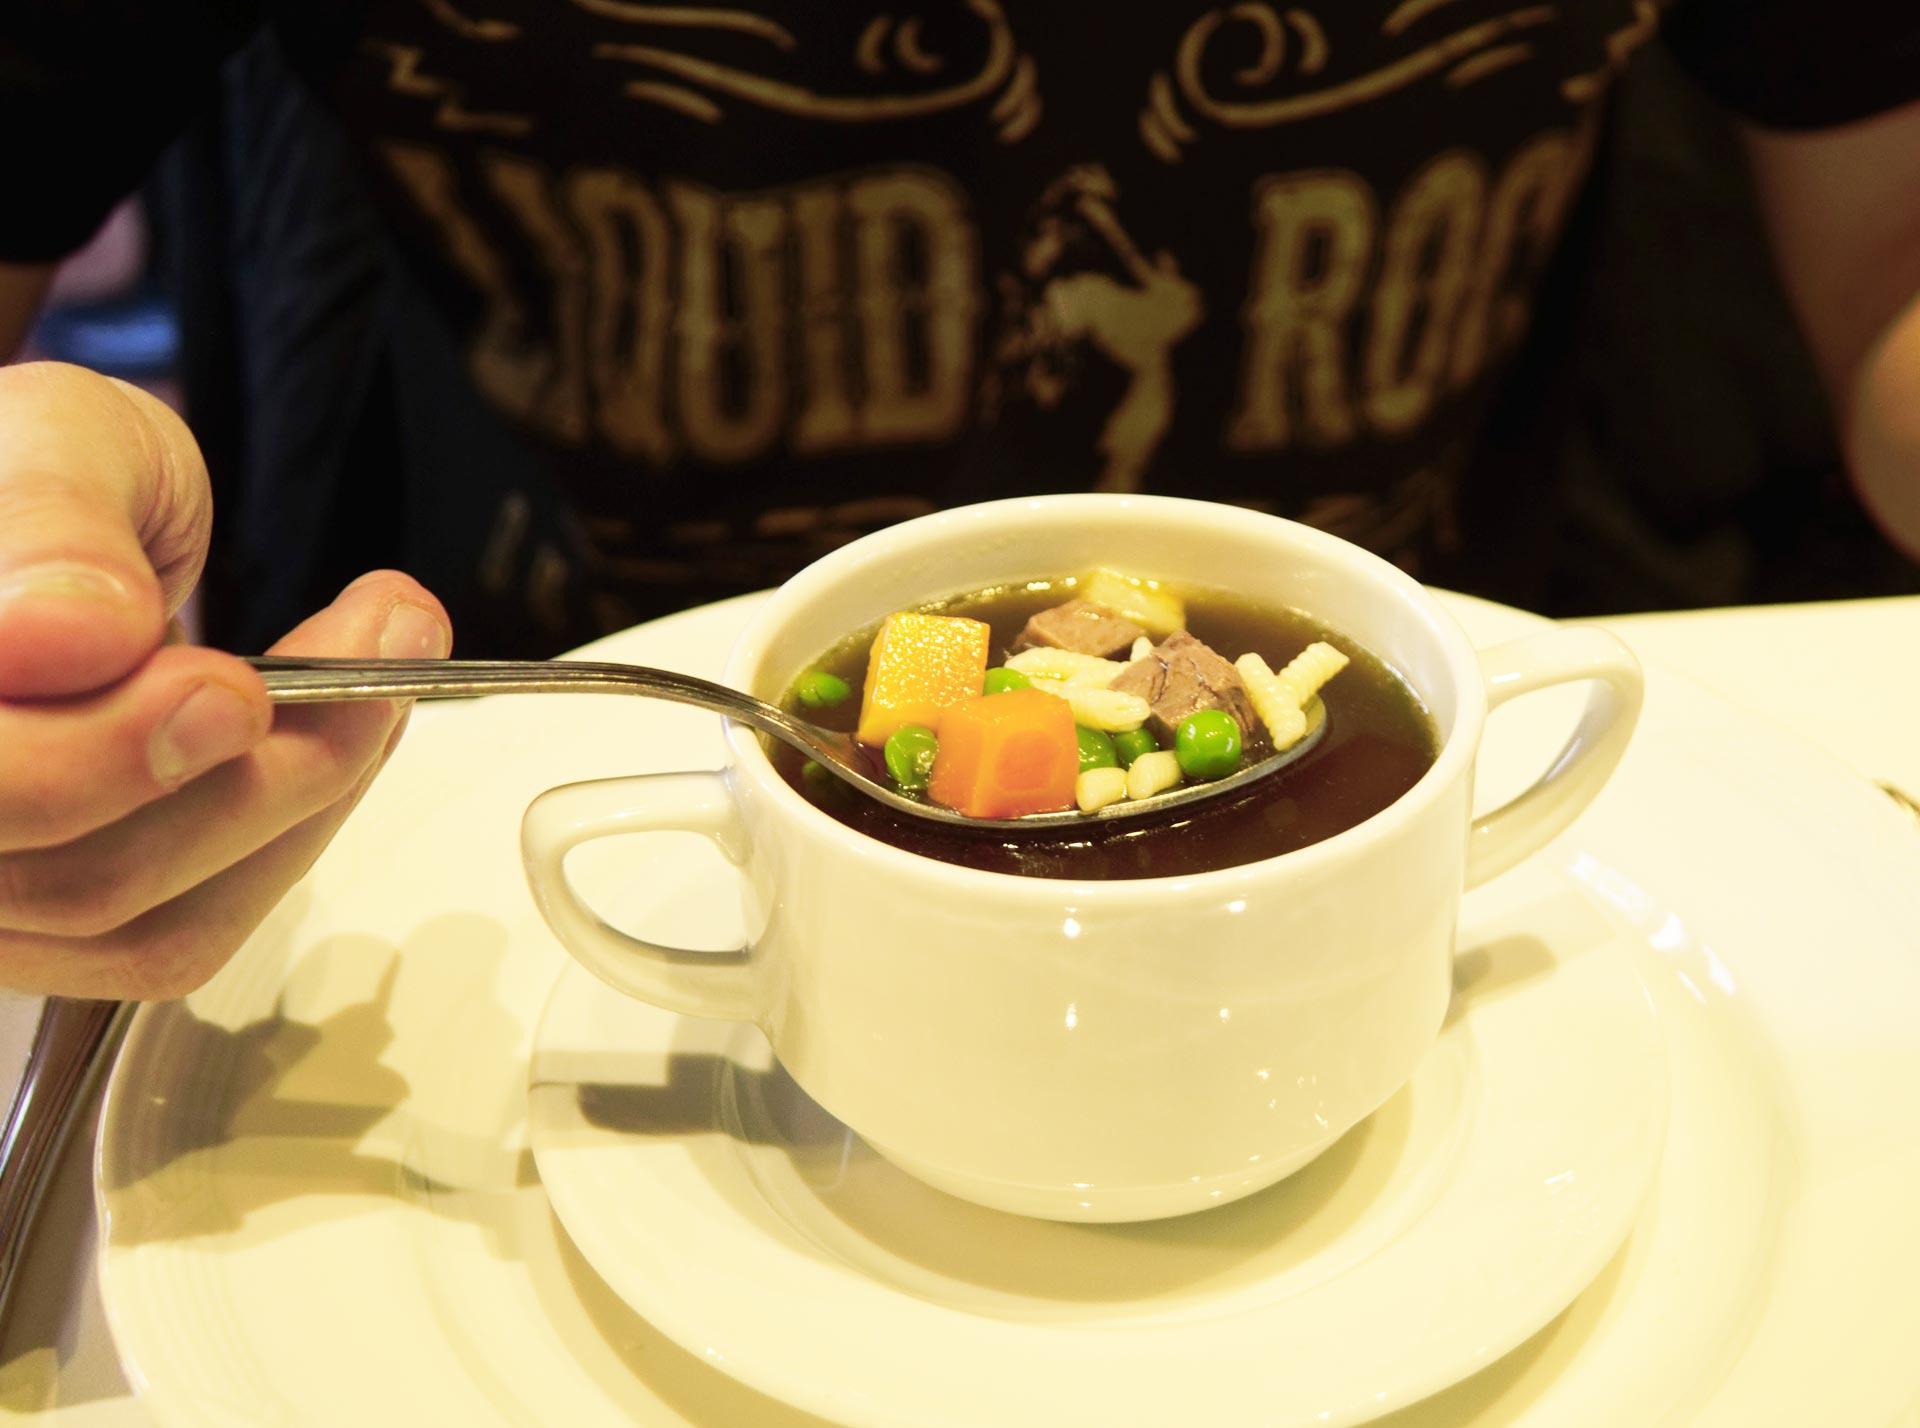 prawdziwy, oryginalny domowy rosół, jak zrobić rosół, domowy rosół z makaronem, restauracje